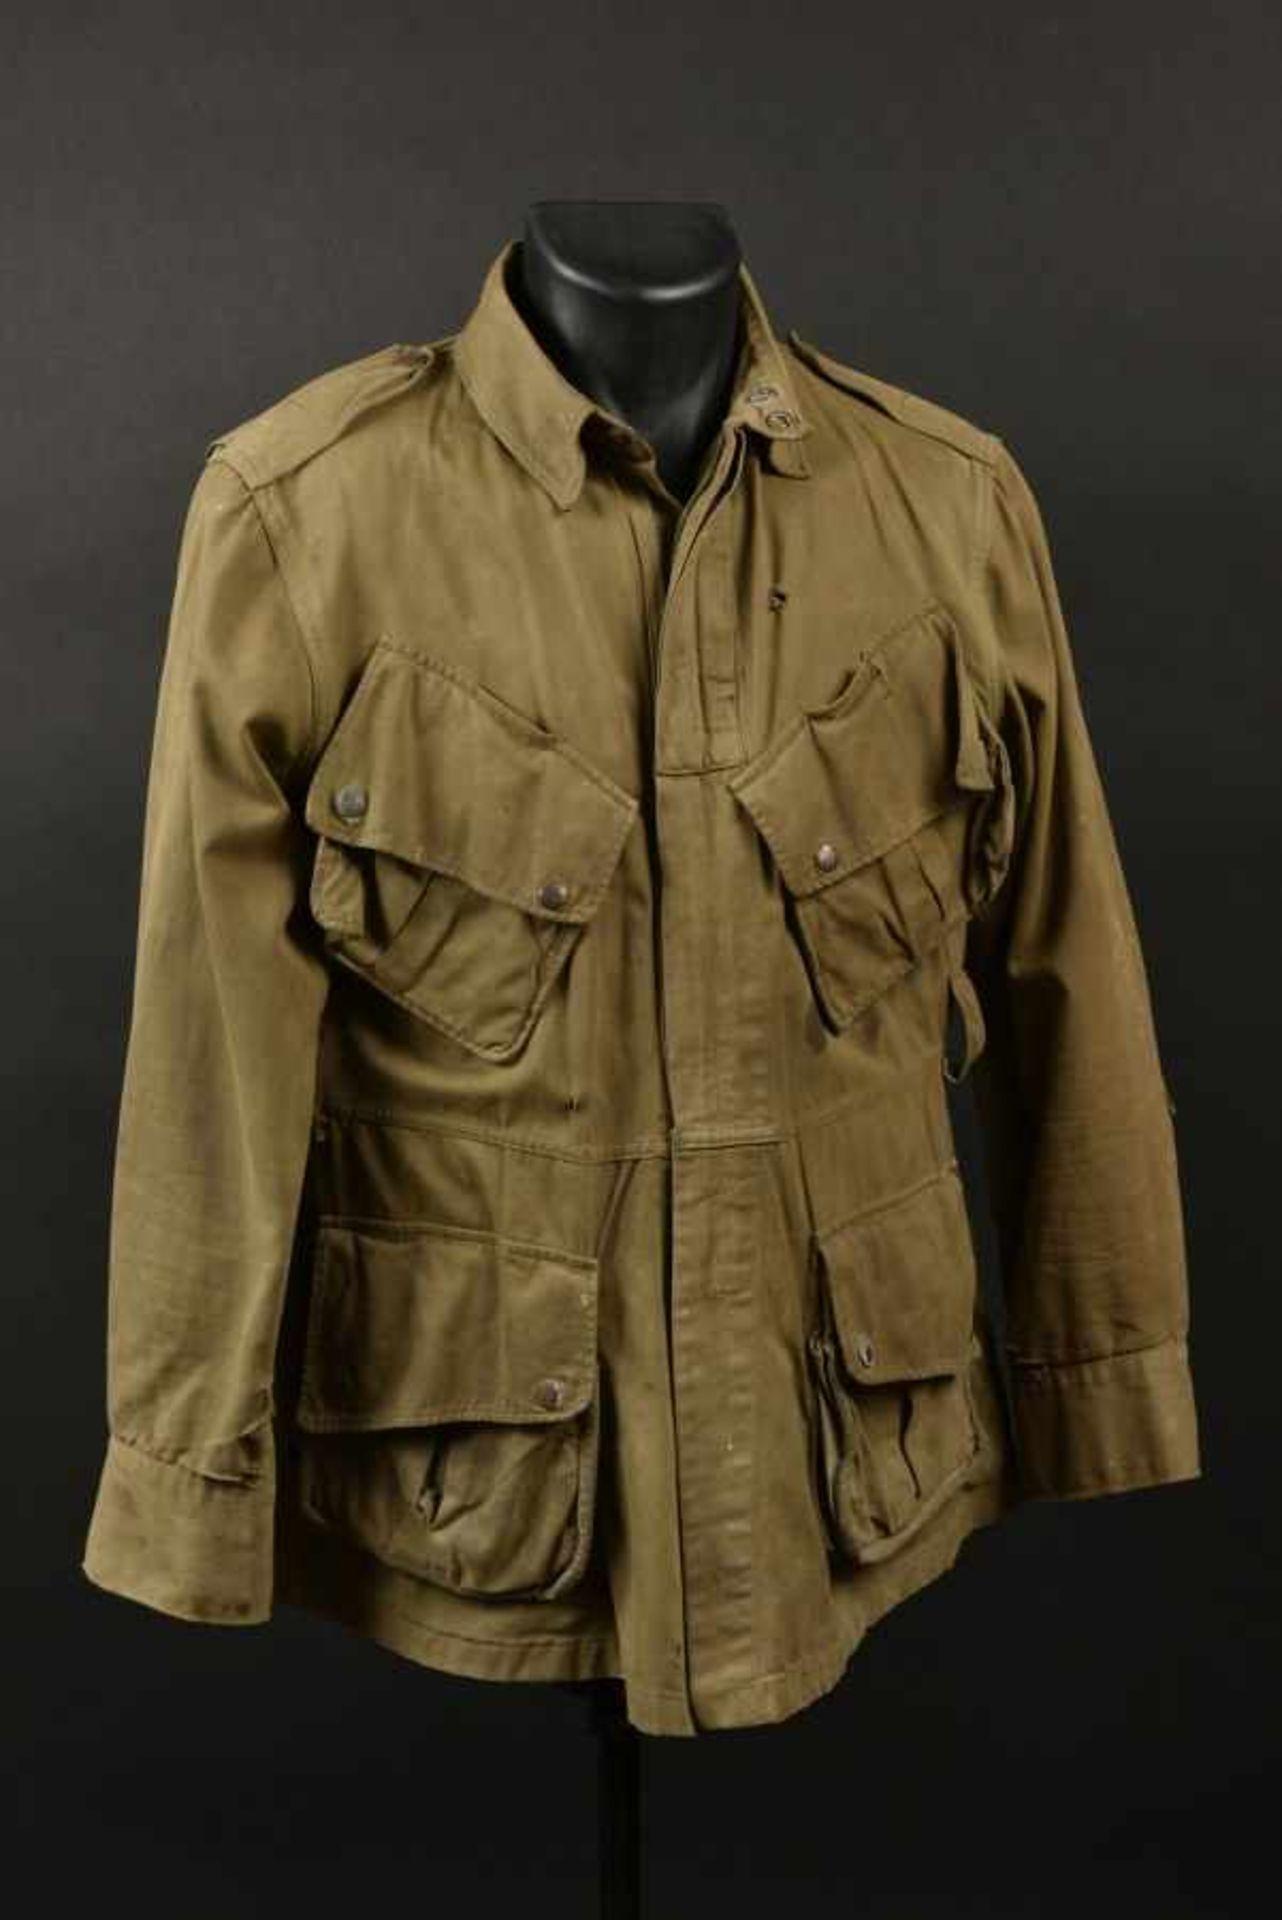 Veste à renfort du parachutiste John W Rabencraft du 507th PIR de la 82ème Airborne. Reinforcement